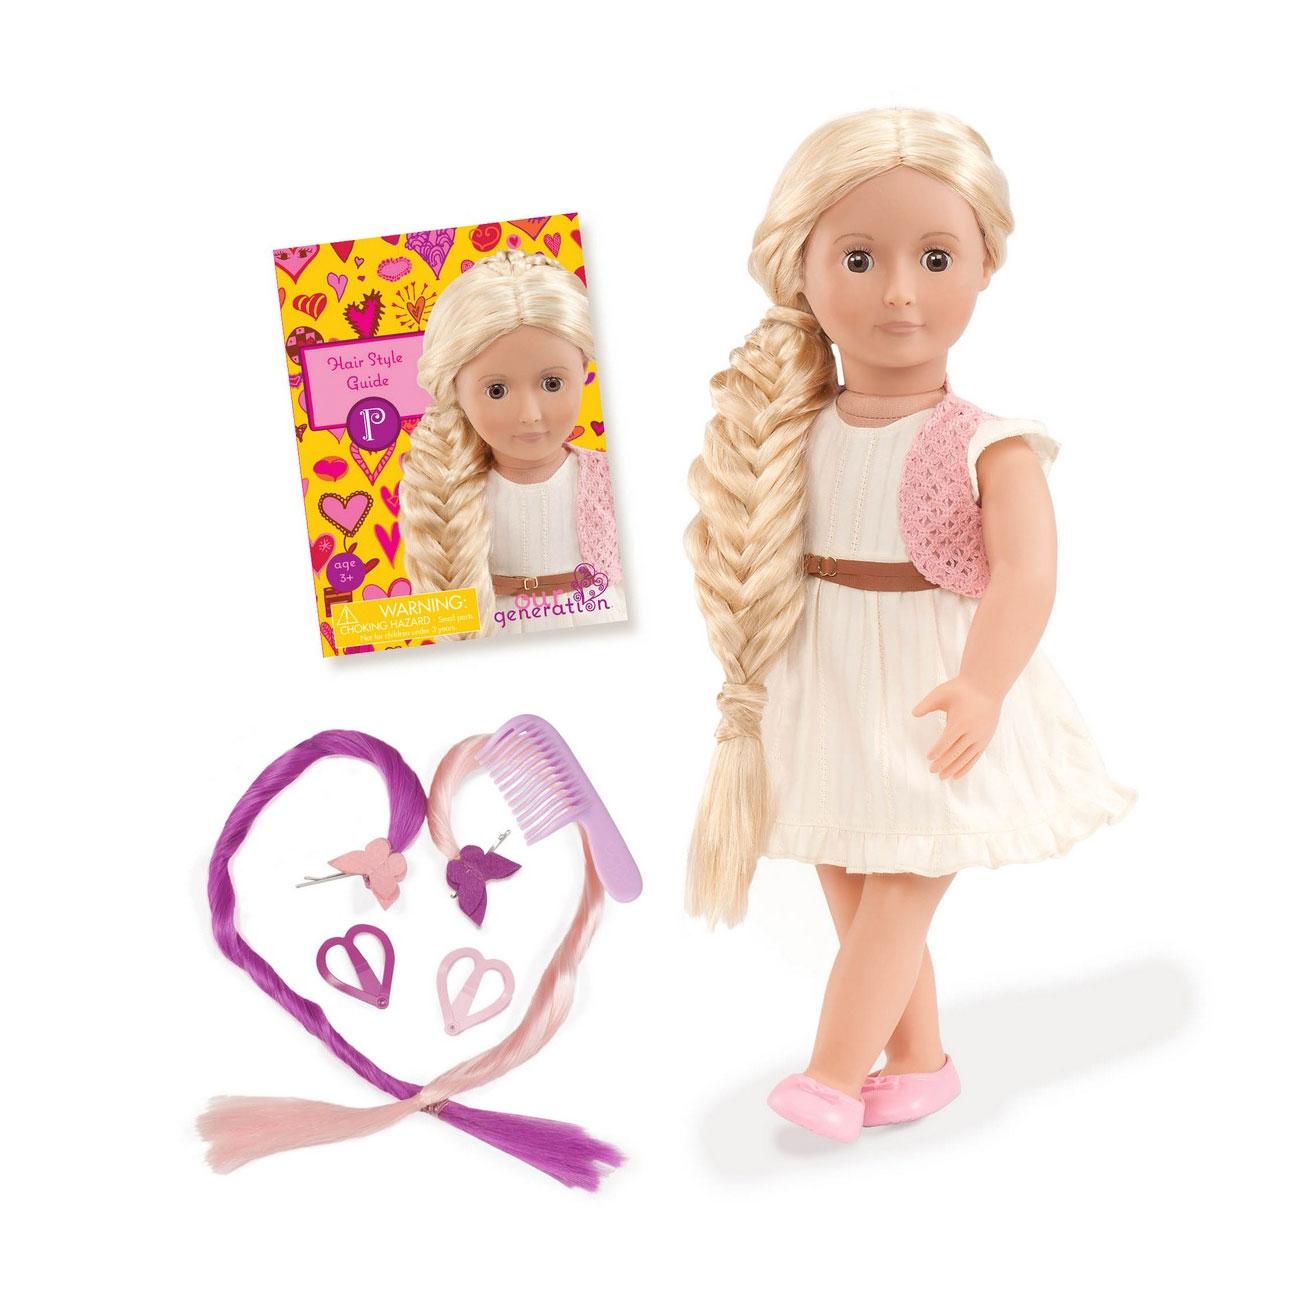 Кукла Our Generation ДеЛюкс Фиби с растущими волосами  46см с книжкой по созданию модных причесок<br>